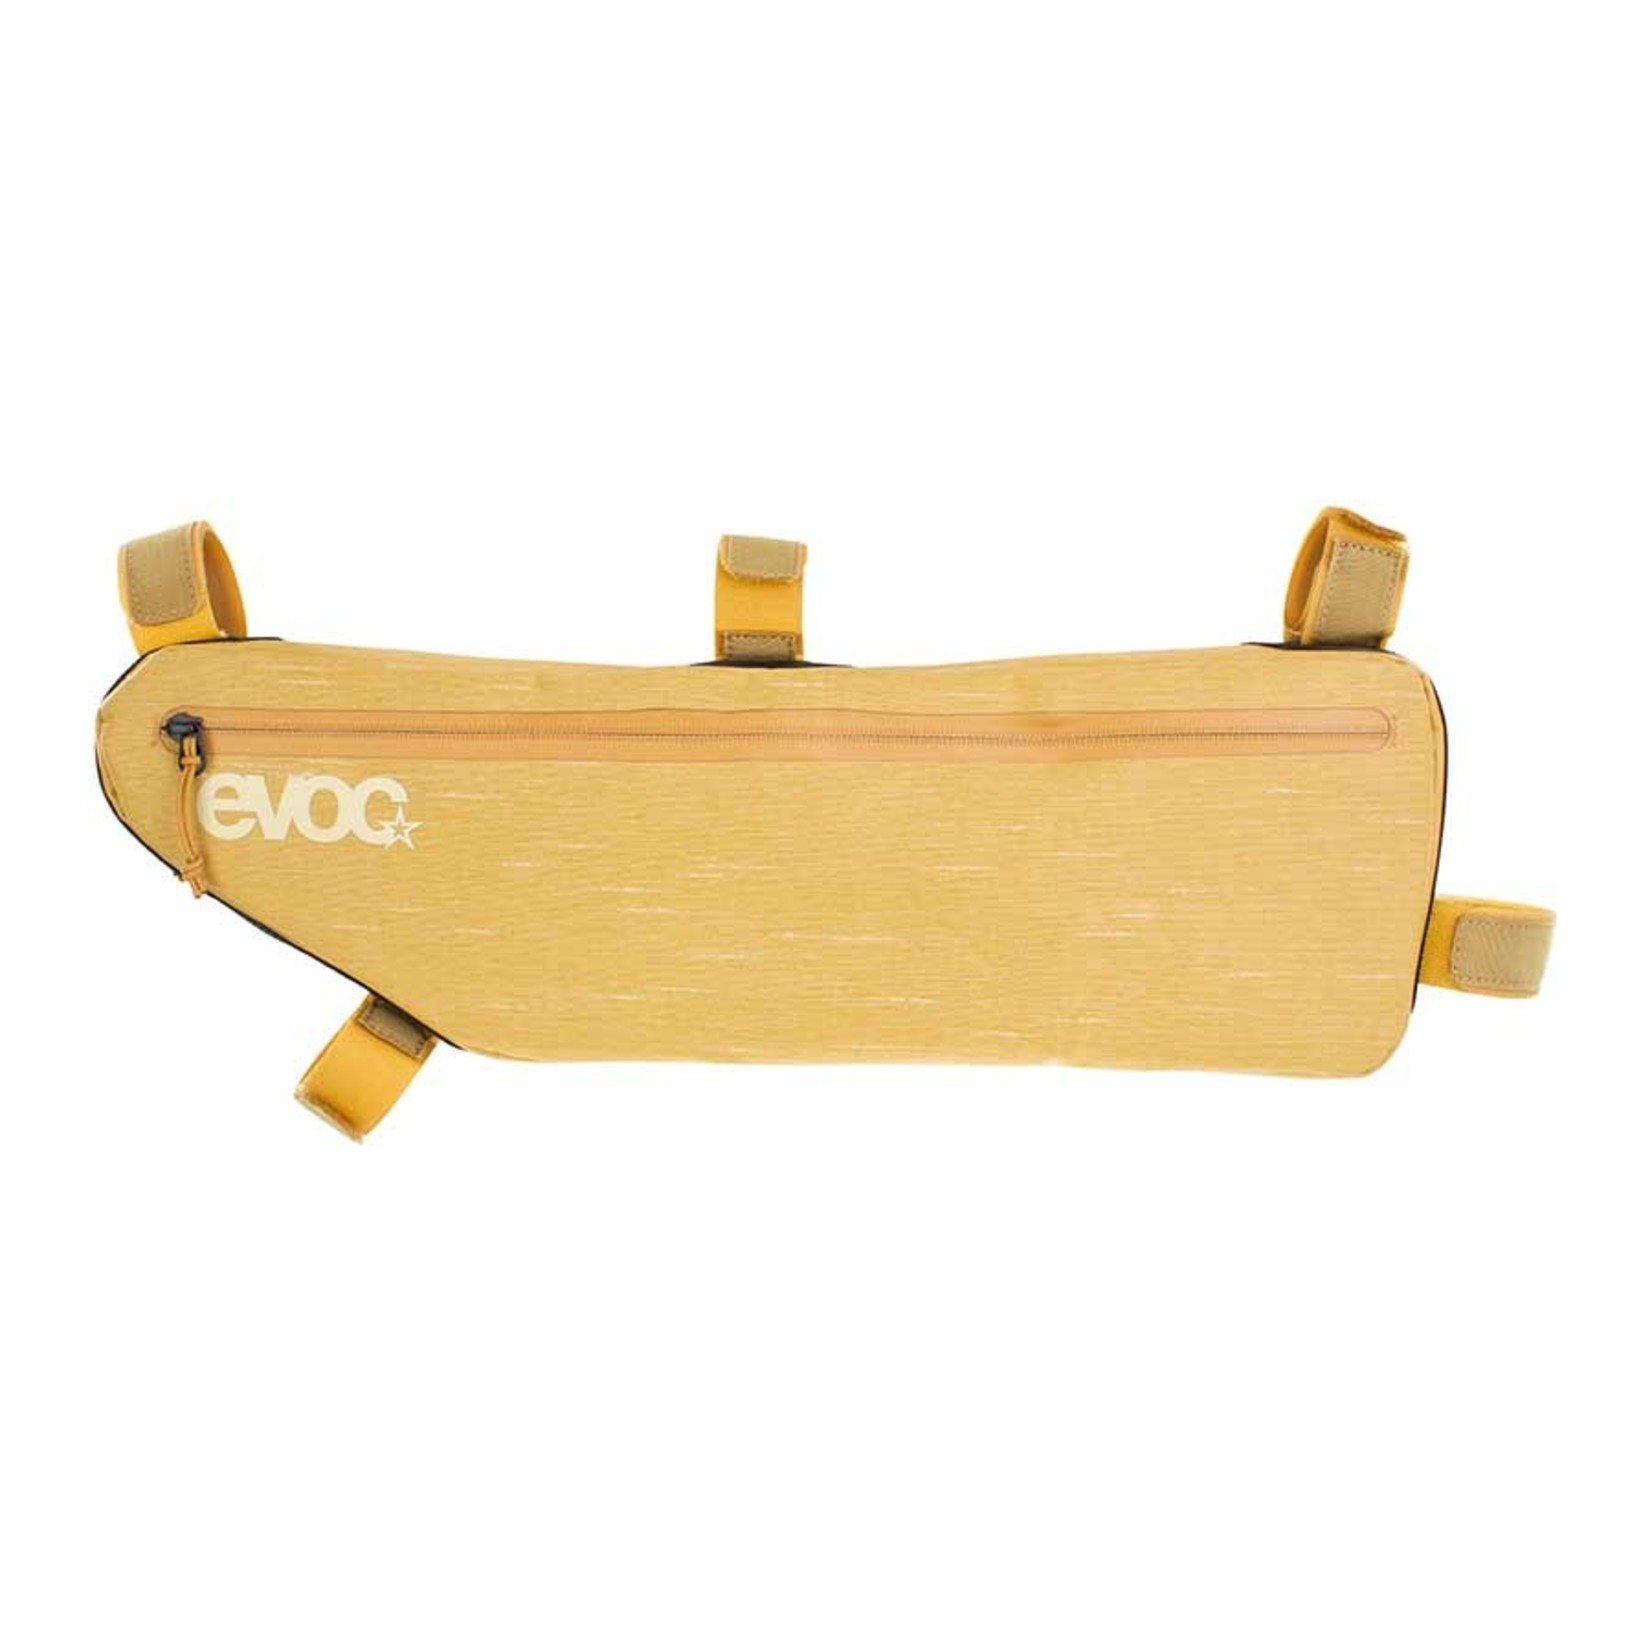 EVOC Evoc 3.5L Frame bag